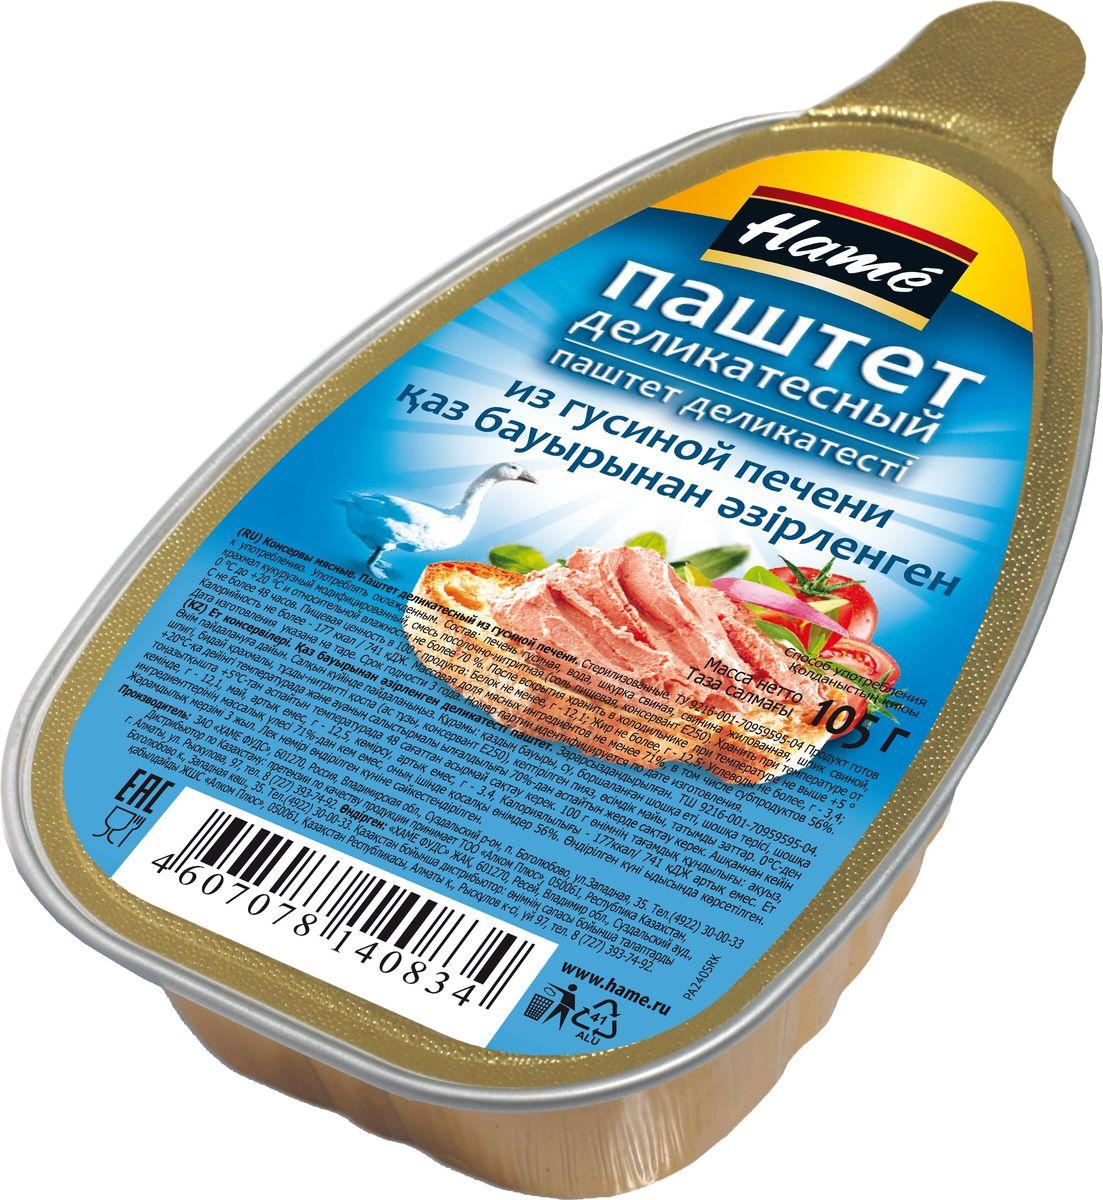 Hame паштет деликатесный из гусиной печени, 3 шт по 105 г22950492000273Паштет мясной деликатесный - очень питательный продукт, изготовленный по традиционной рецептуре. Продукт готов к употреблению. Пищевая ценность в 100 г. продукта:Белок не менее, г - 12,1;Жир не более, г - 12,5;Углеводы не более, г - 3,4.